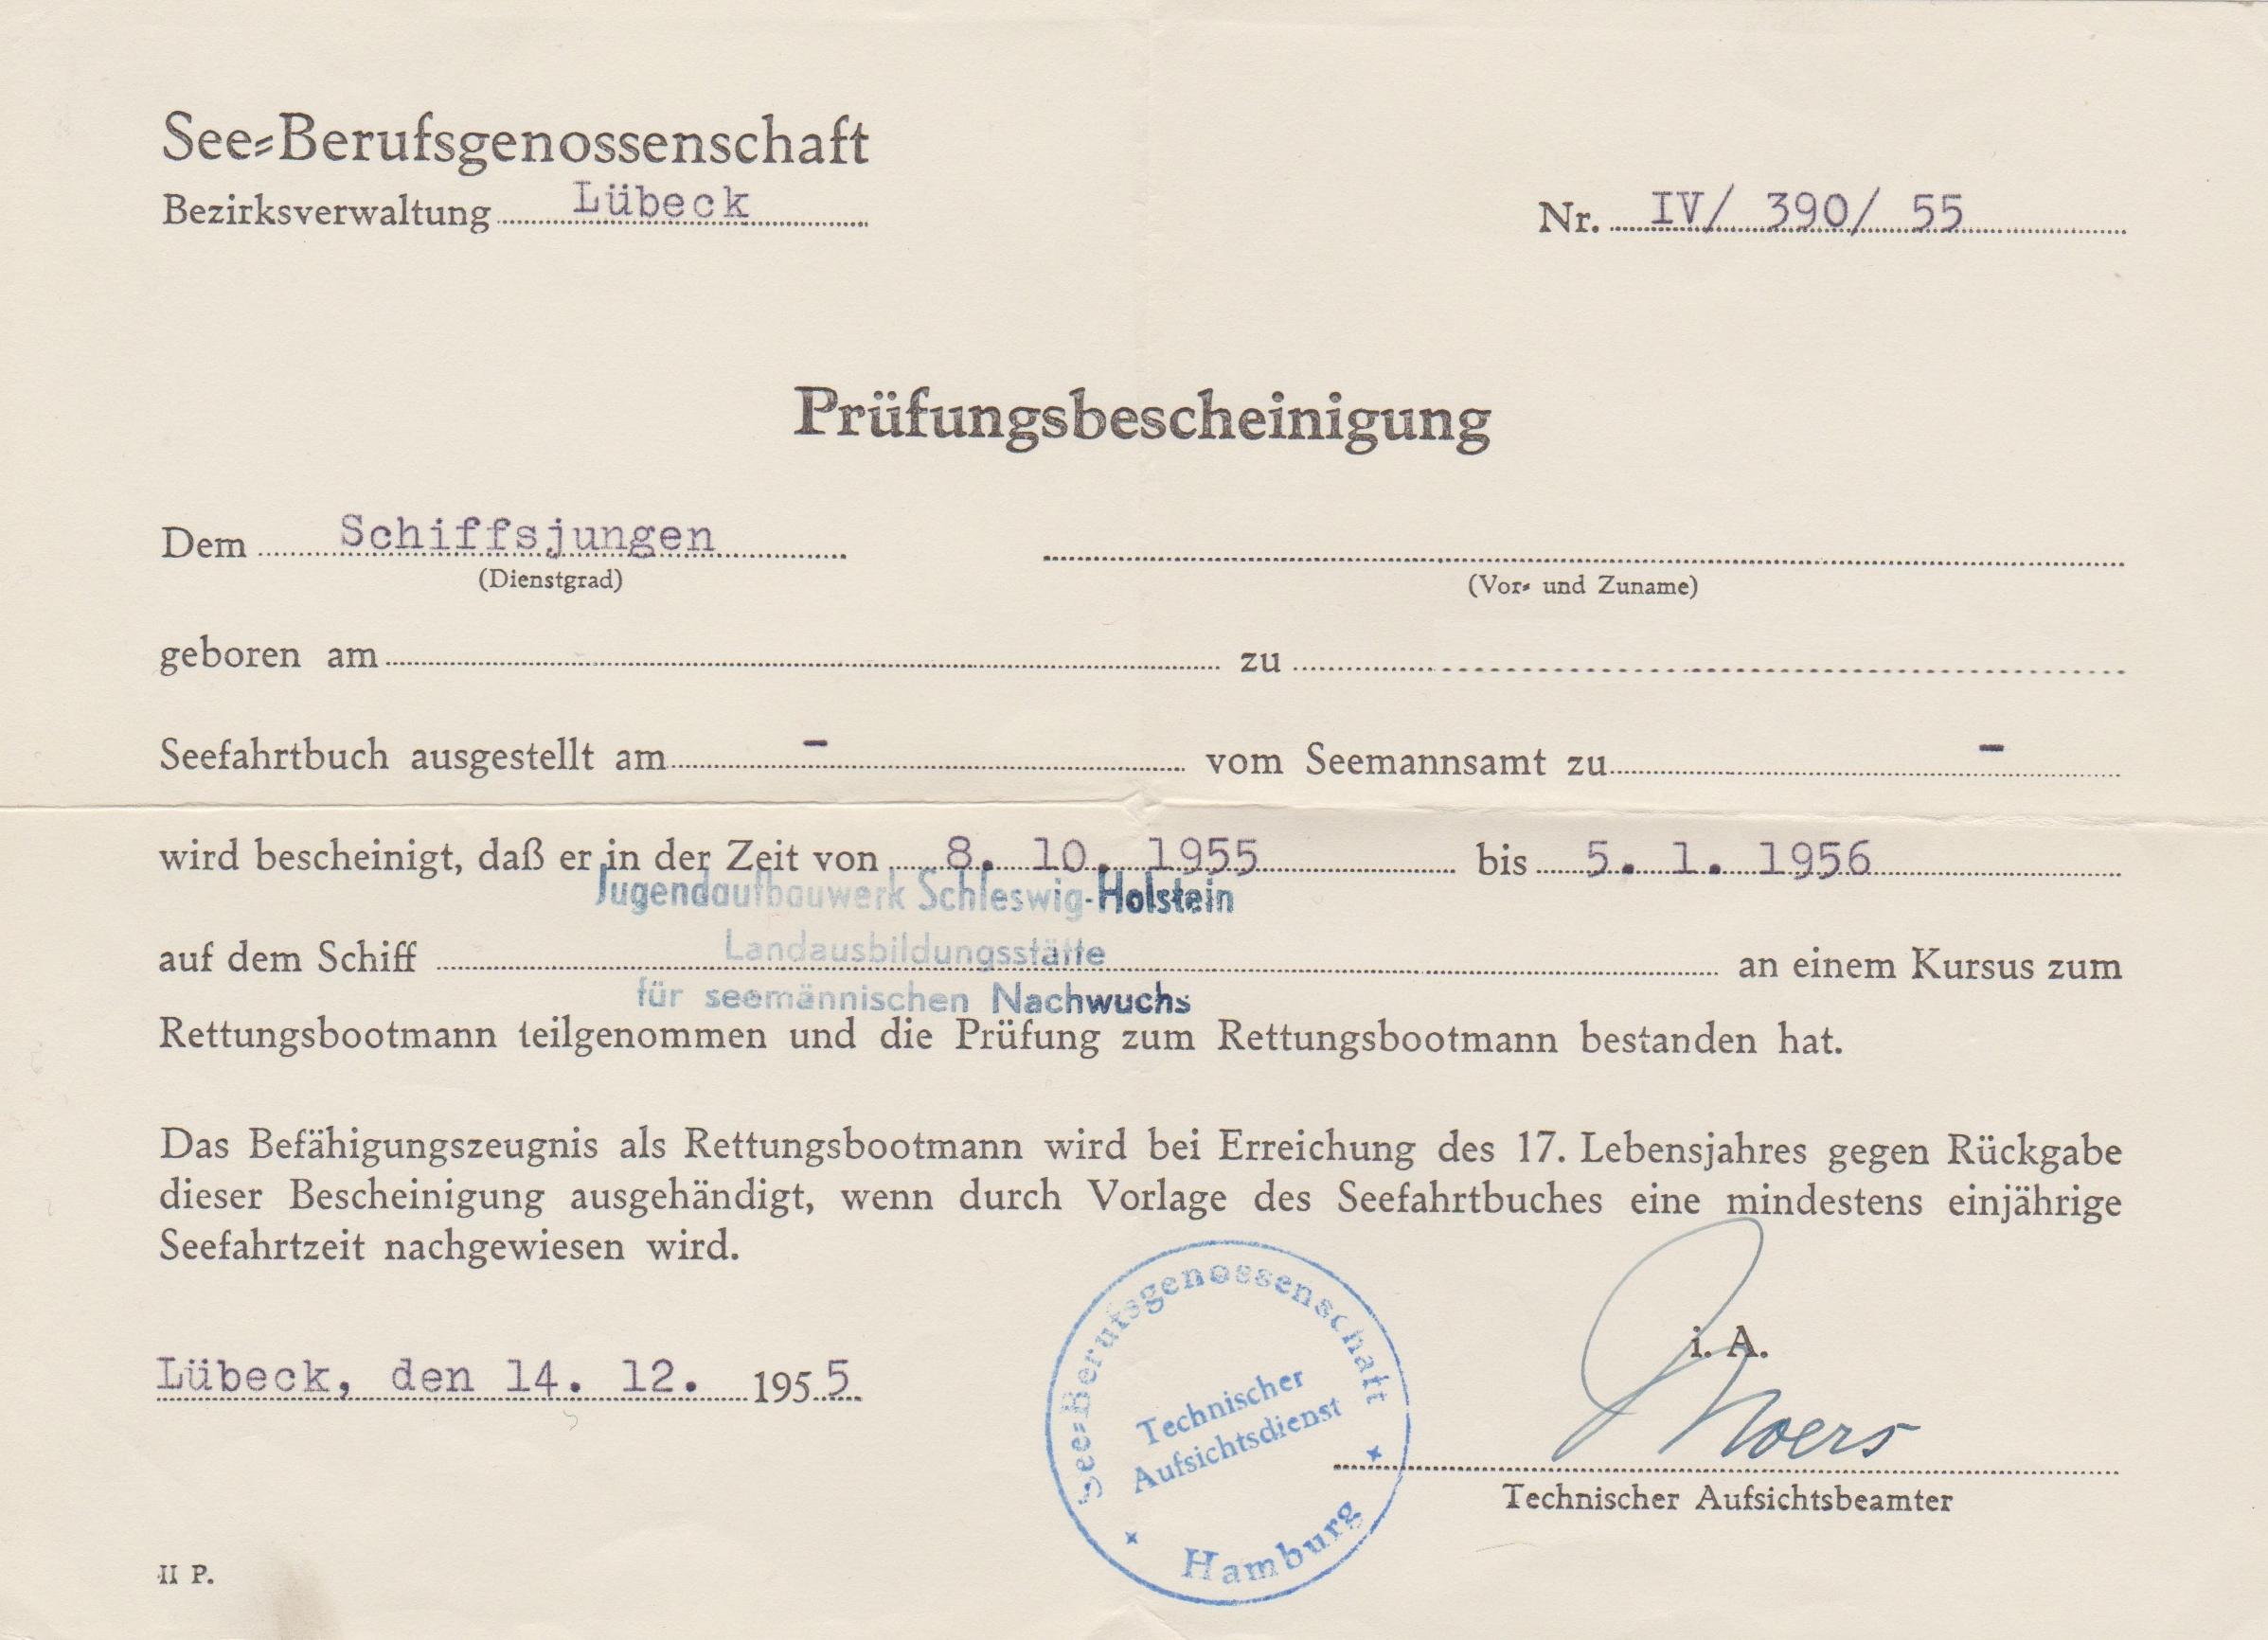 Datei:Prüfungsbescheinigung zum Rettungsbootmann.jpg – Wikipedia